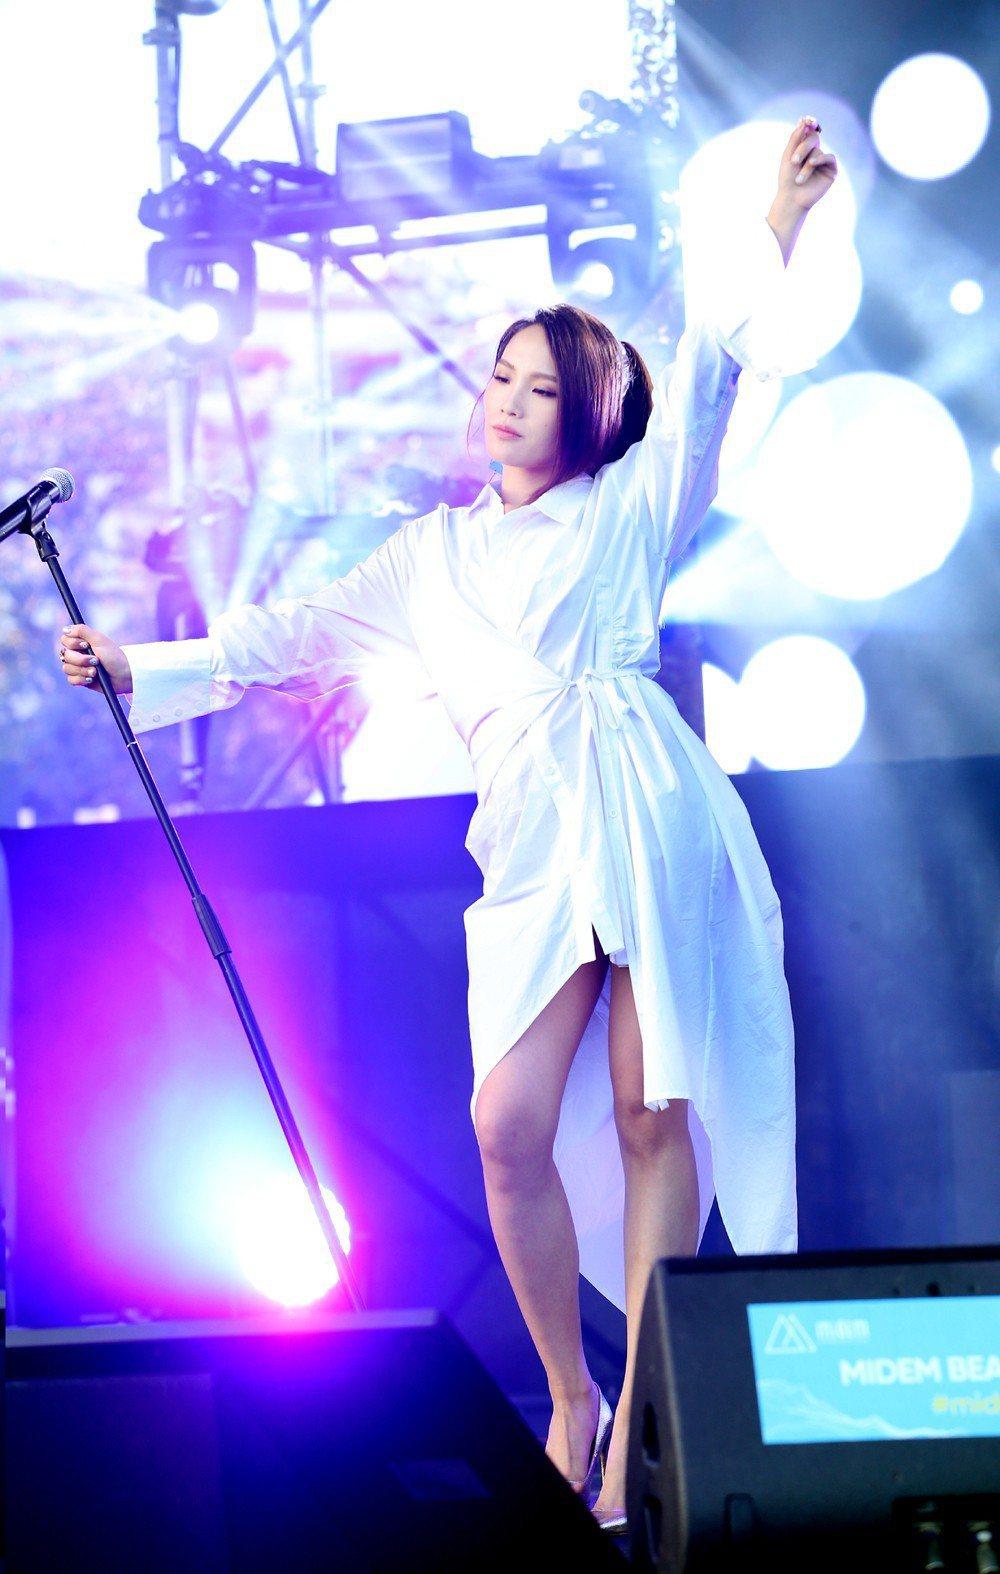 呂薔受邀在坎城MIDEM國際唱片展演出。圖/avex taiwan 提供